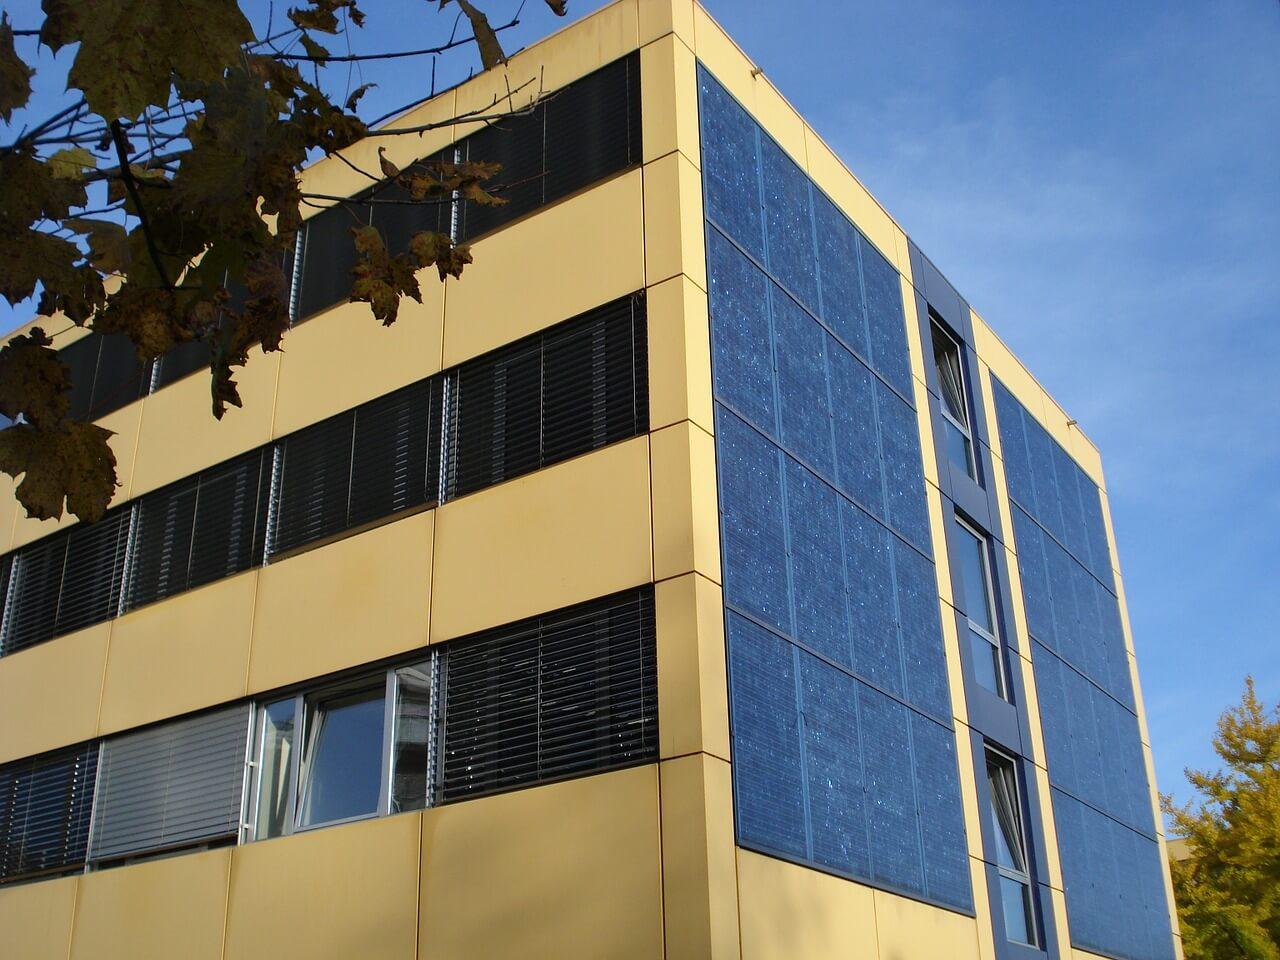 réglementation thermique objectifs bâtiment